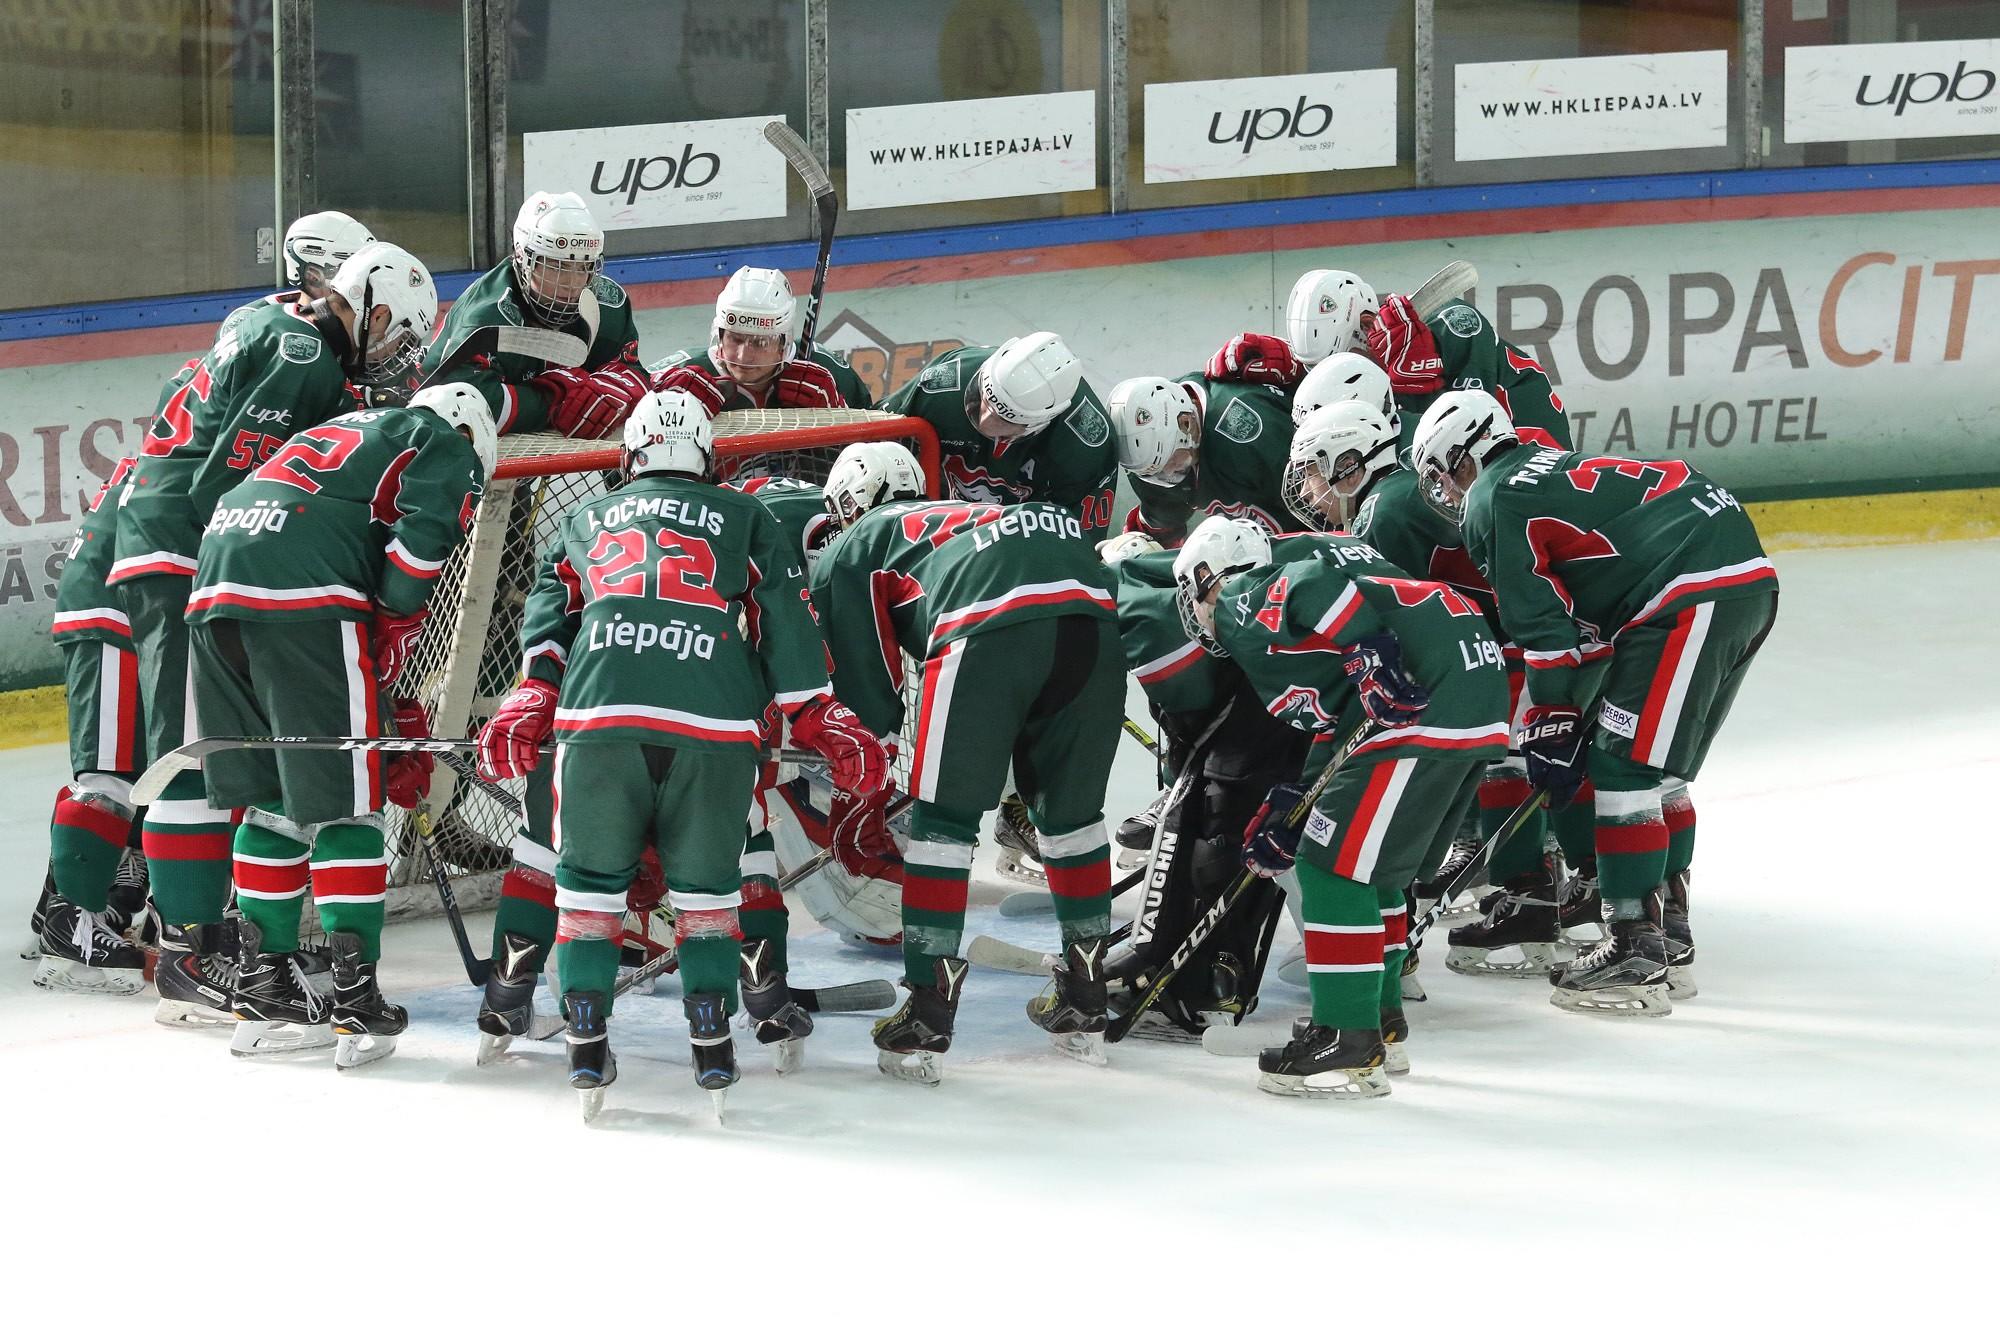 Junioru attīstības hokeja līgas spēlēs no Rīgas ar revanšu